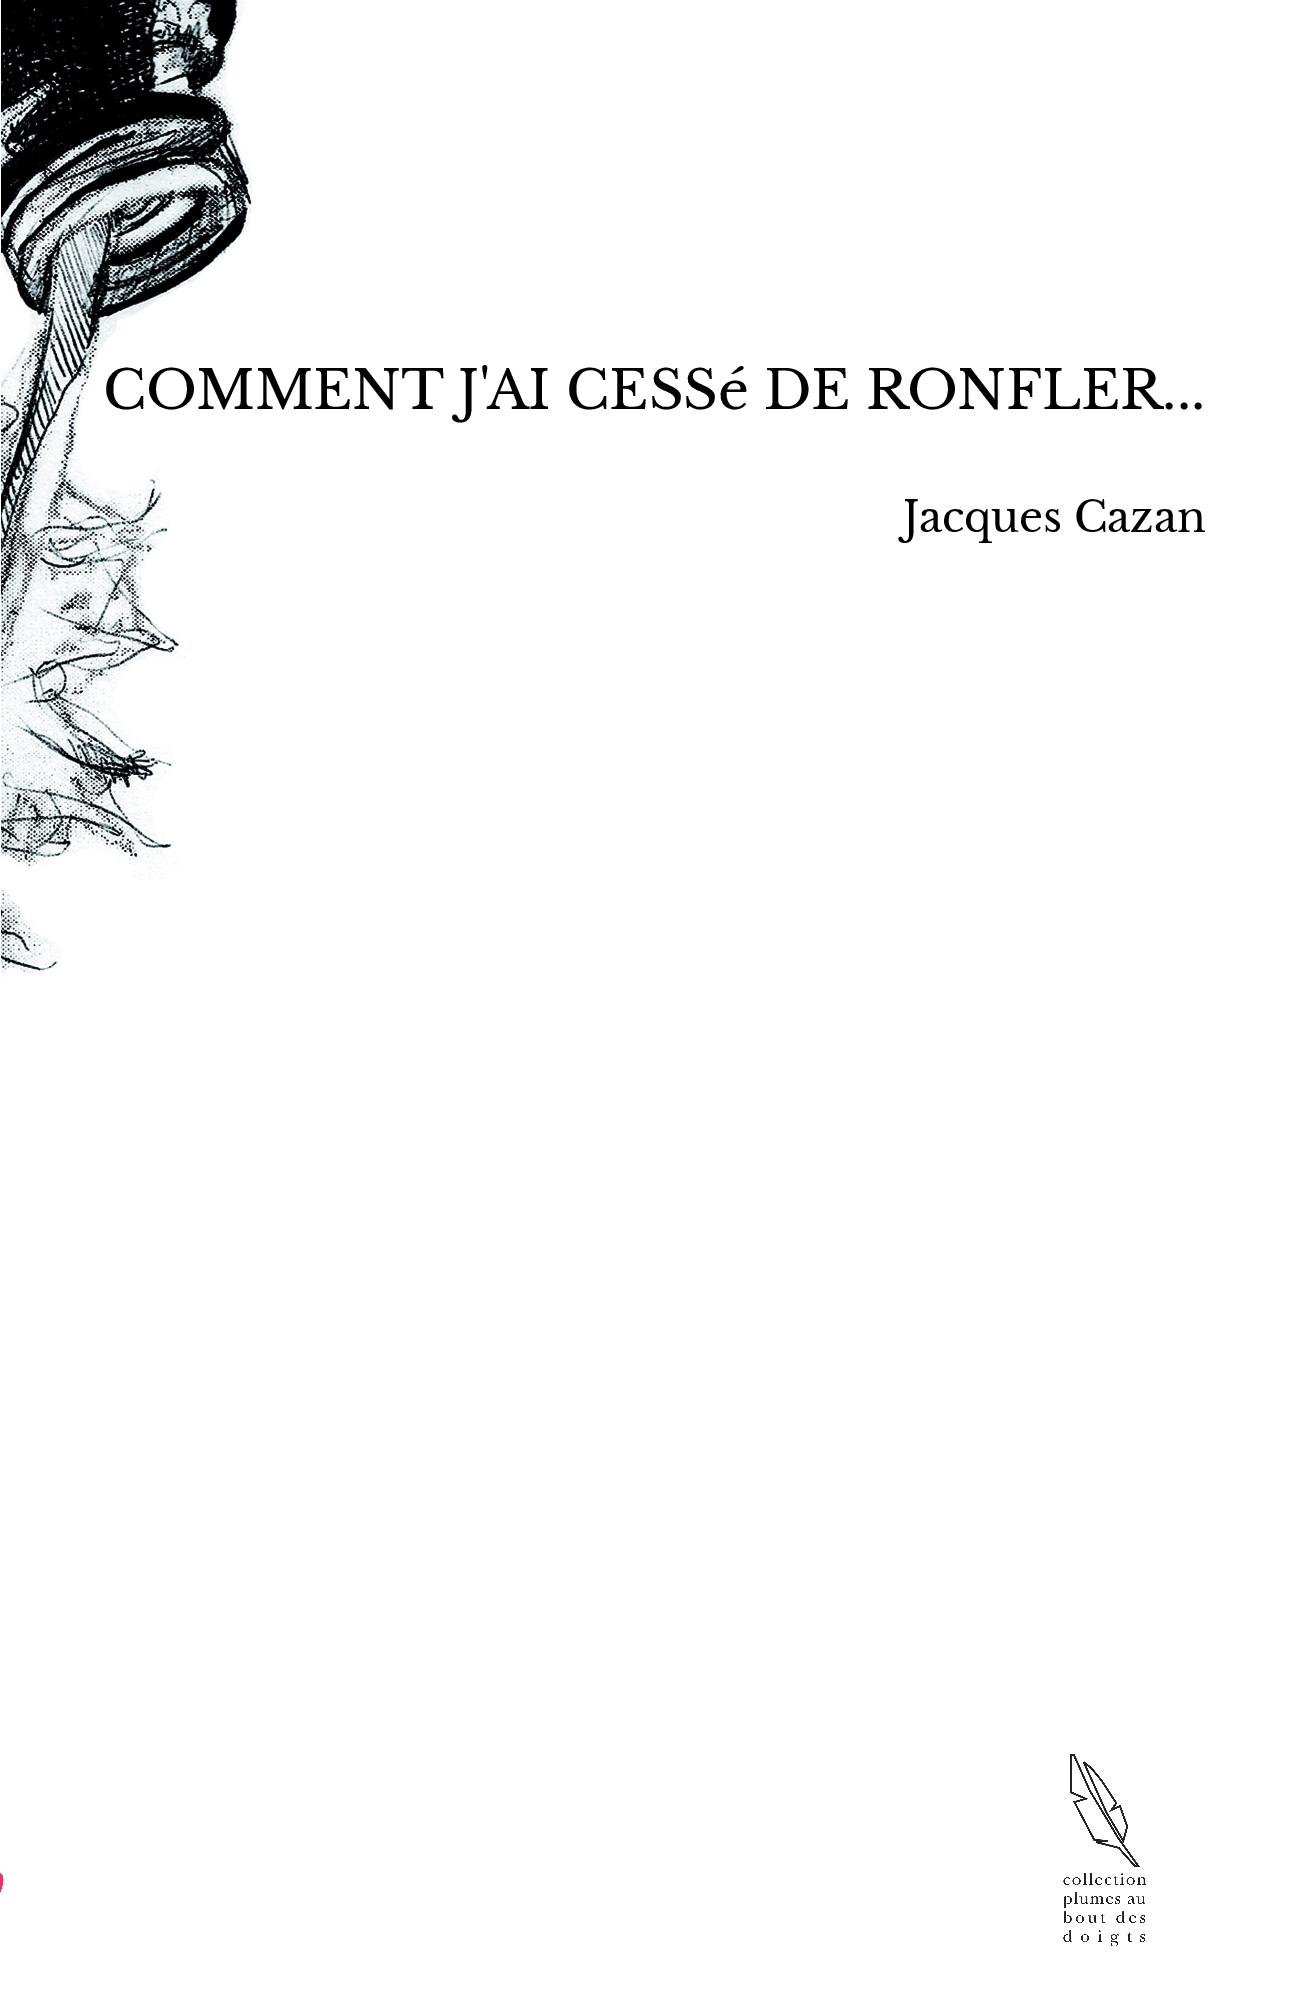 COMMENT J'AI CESSé DE RONFLER...